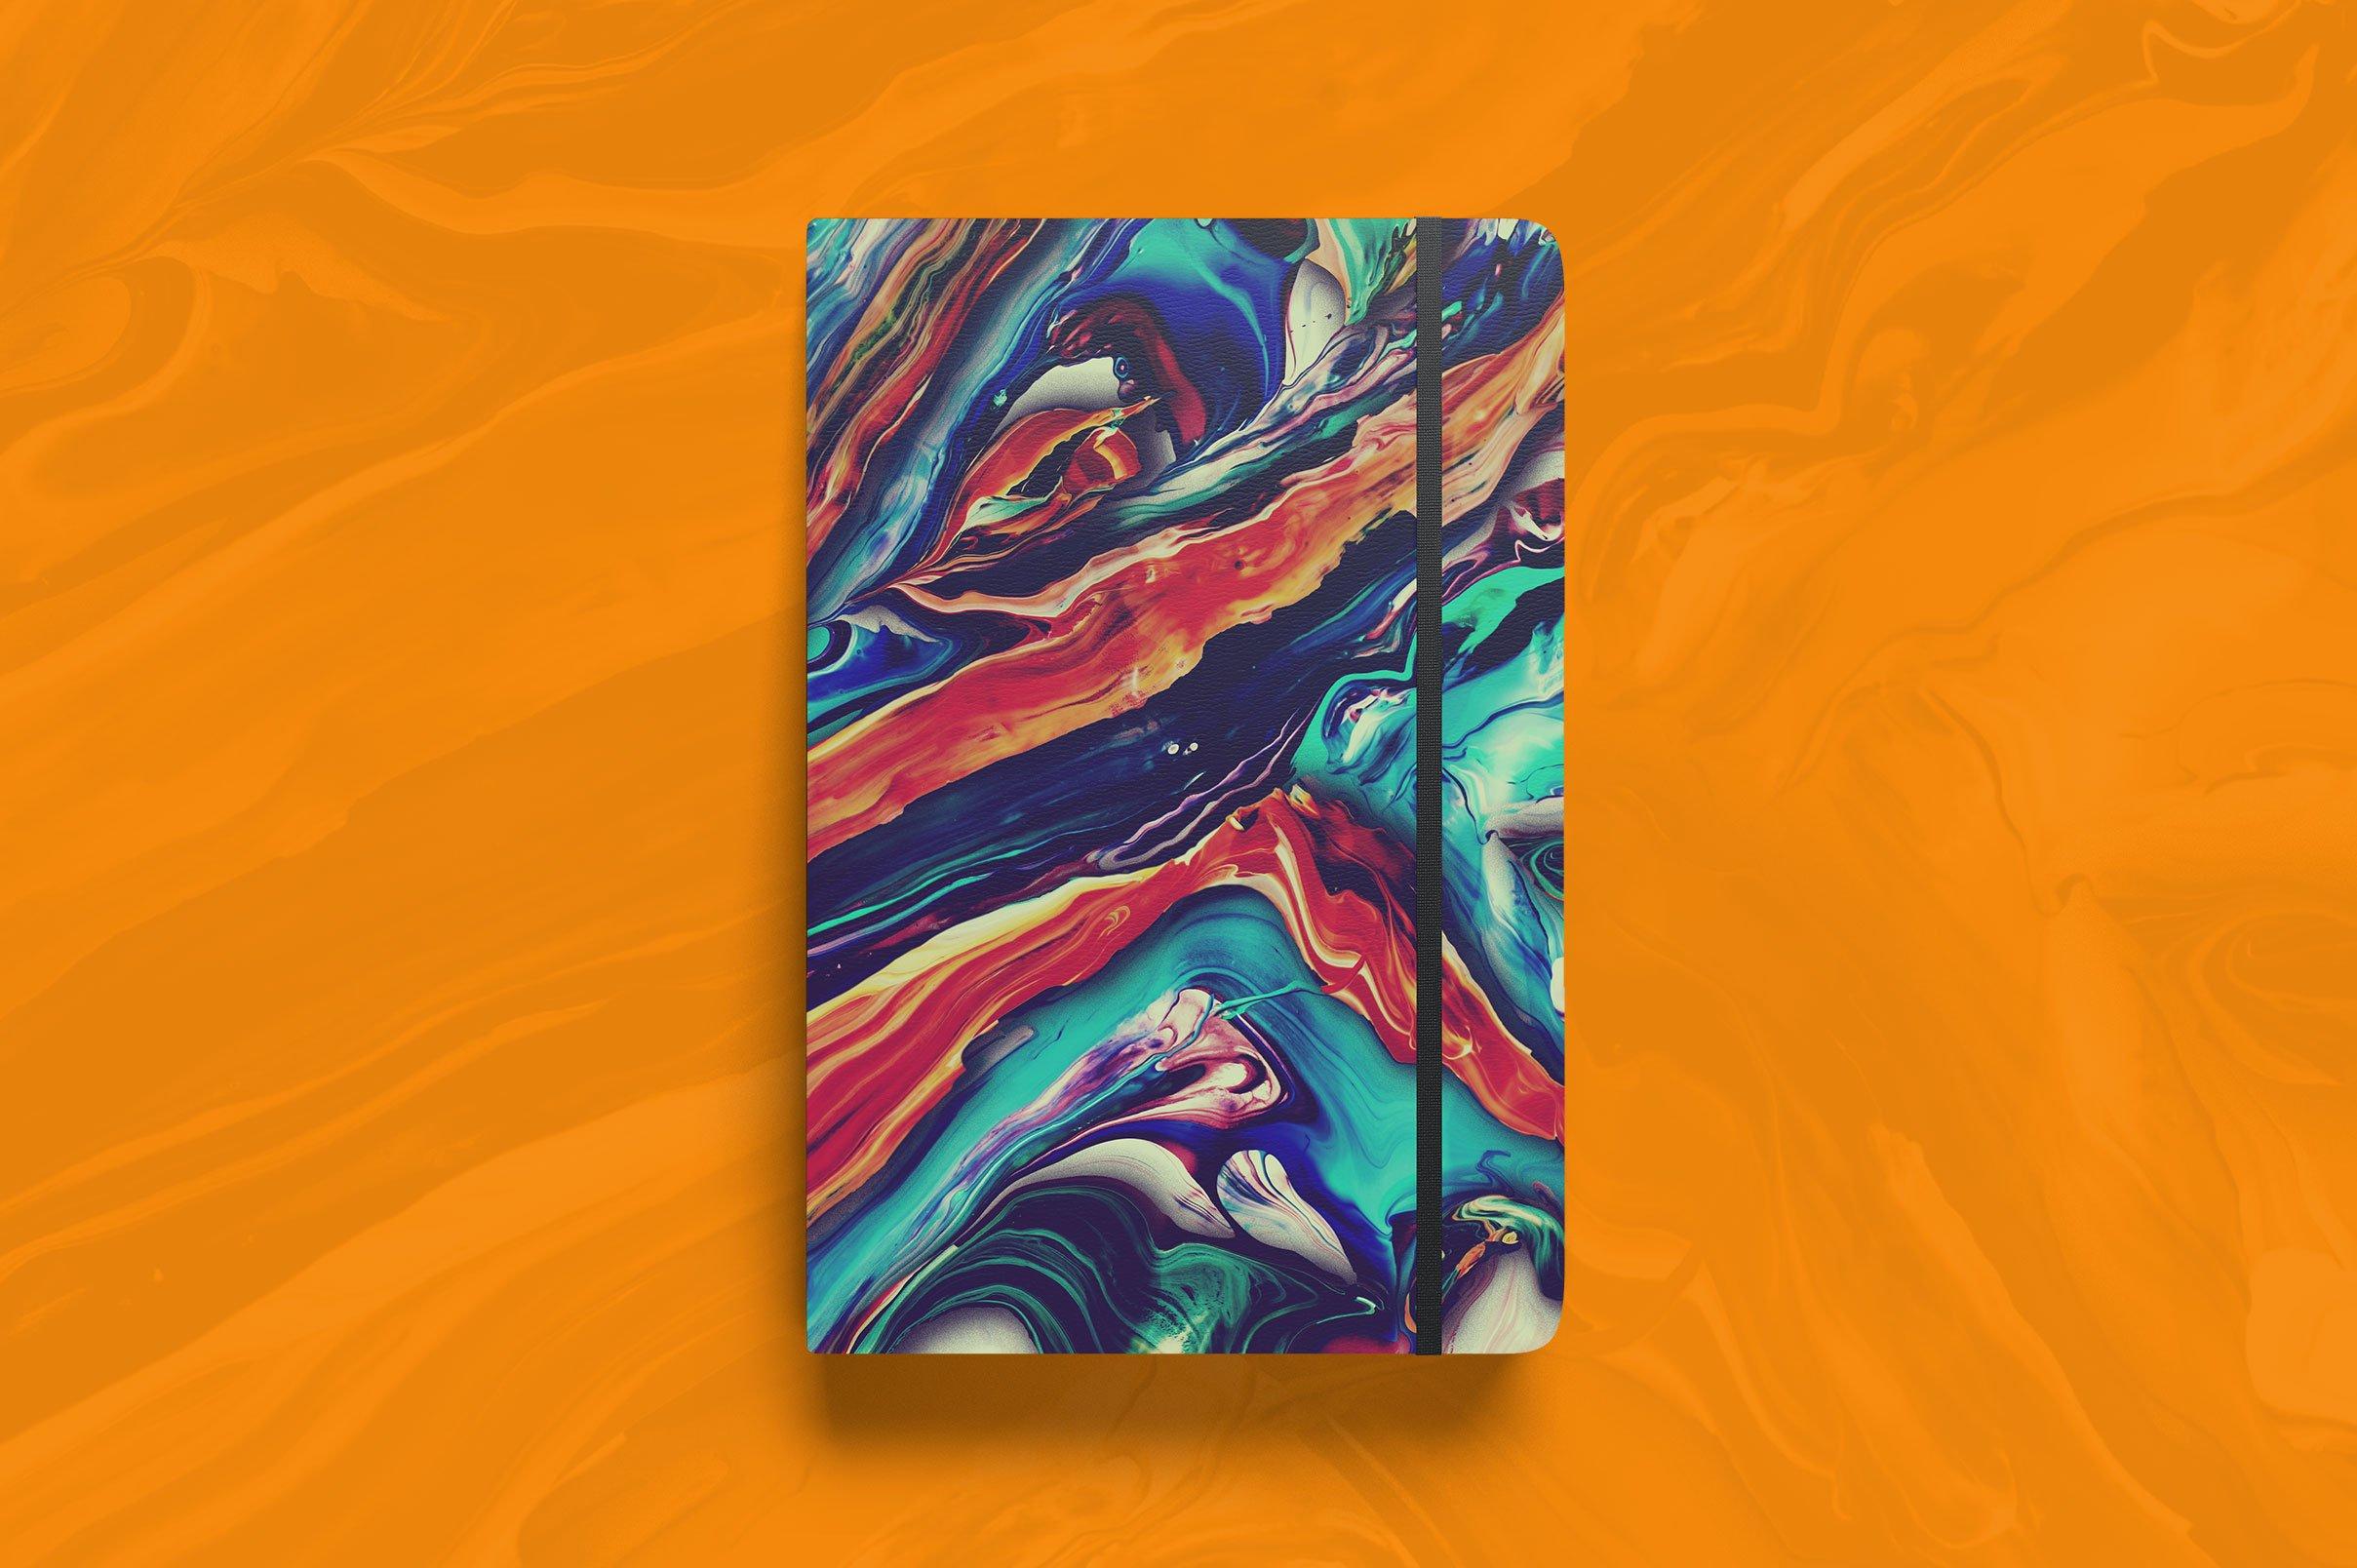 32款高清抽象丙烯酸绘画颜料背景纹理图片素材 Abstract Paint Remix Vol. 1插图(5)